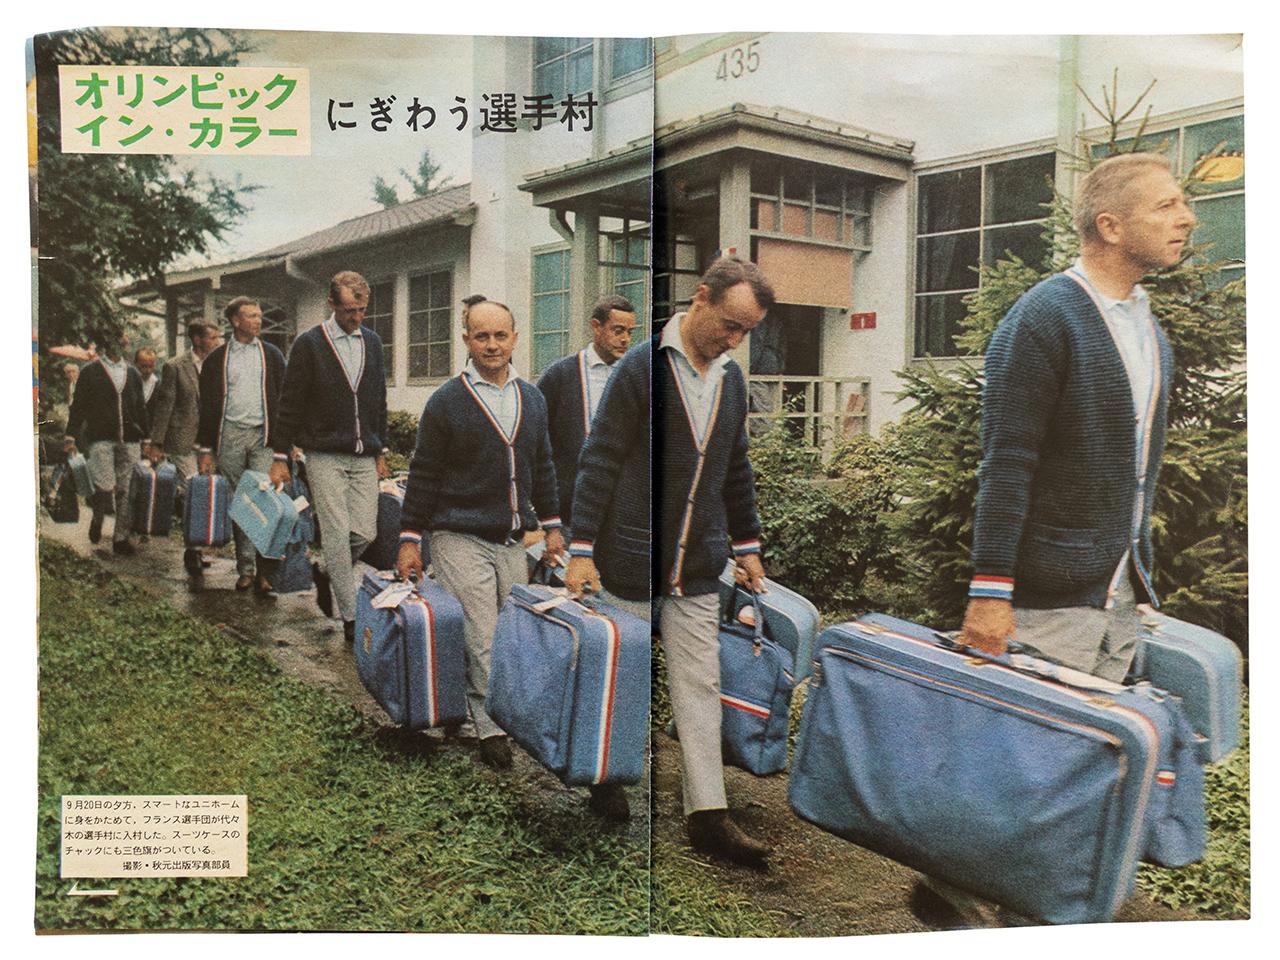 1964年の東京オリンピック選手村 フランス代表選手団